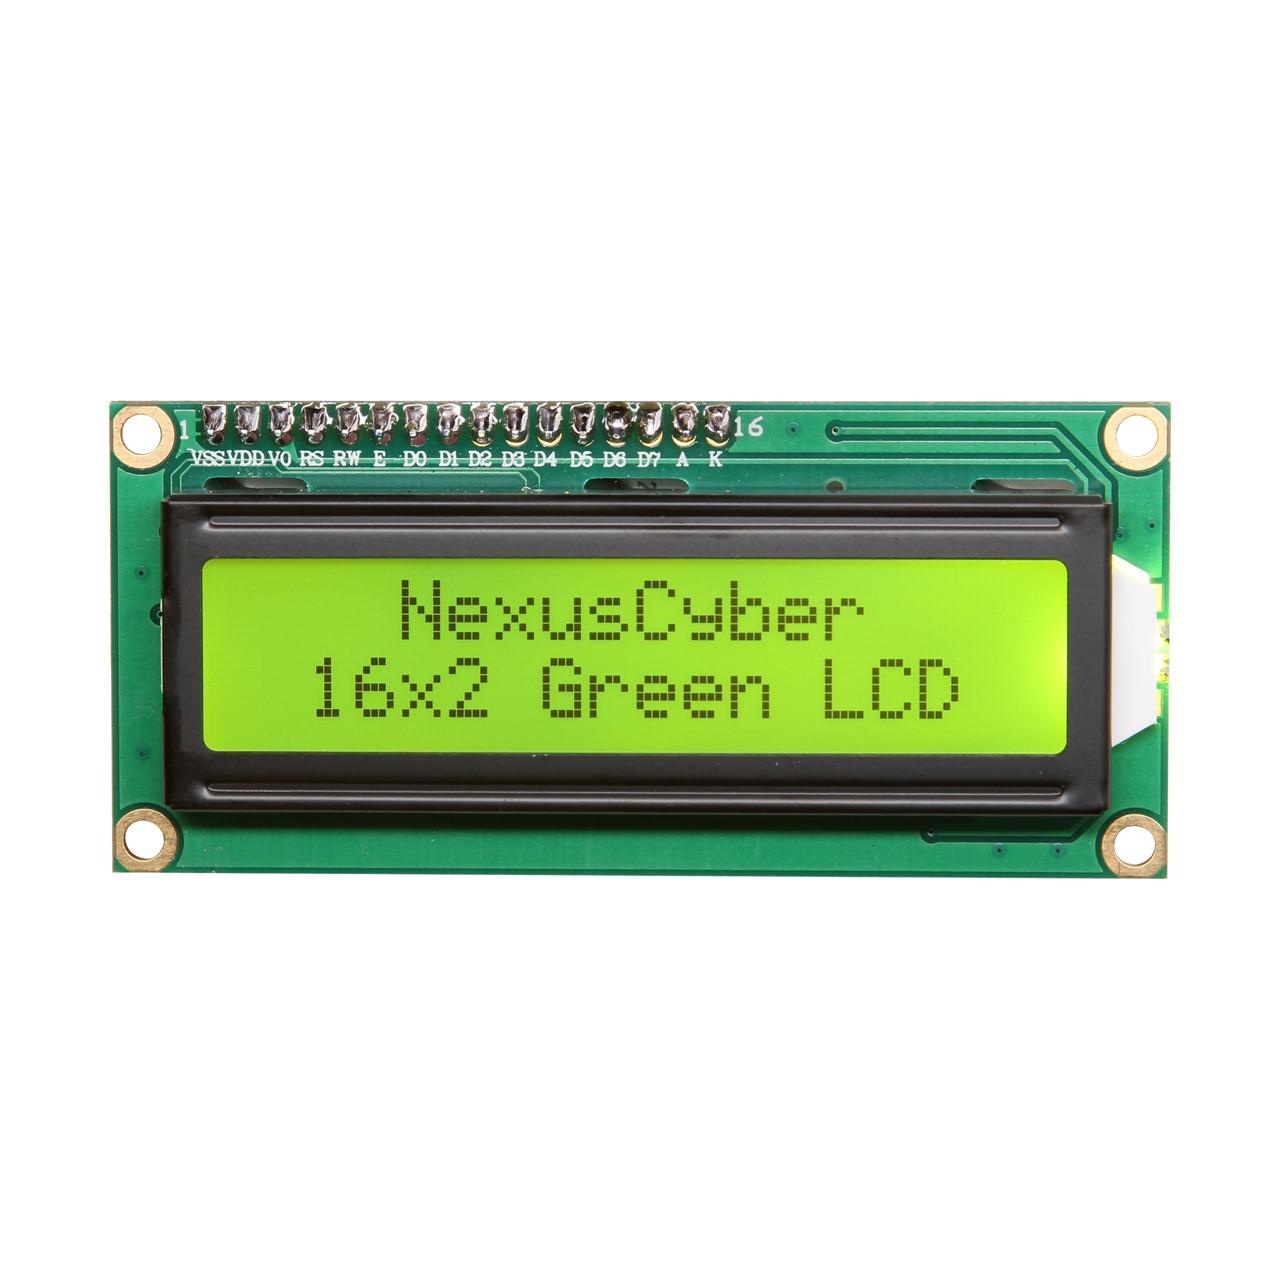 Дворядковий Дворядковий символьний індикатор LCD1602 5V з підсвічуванням (зелений)